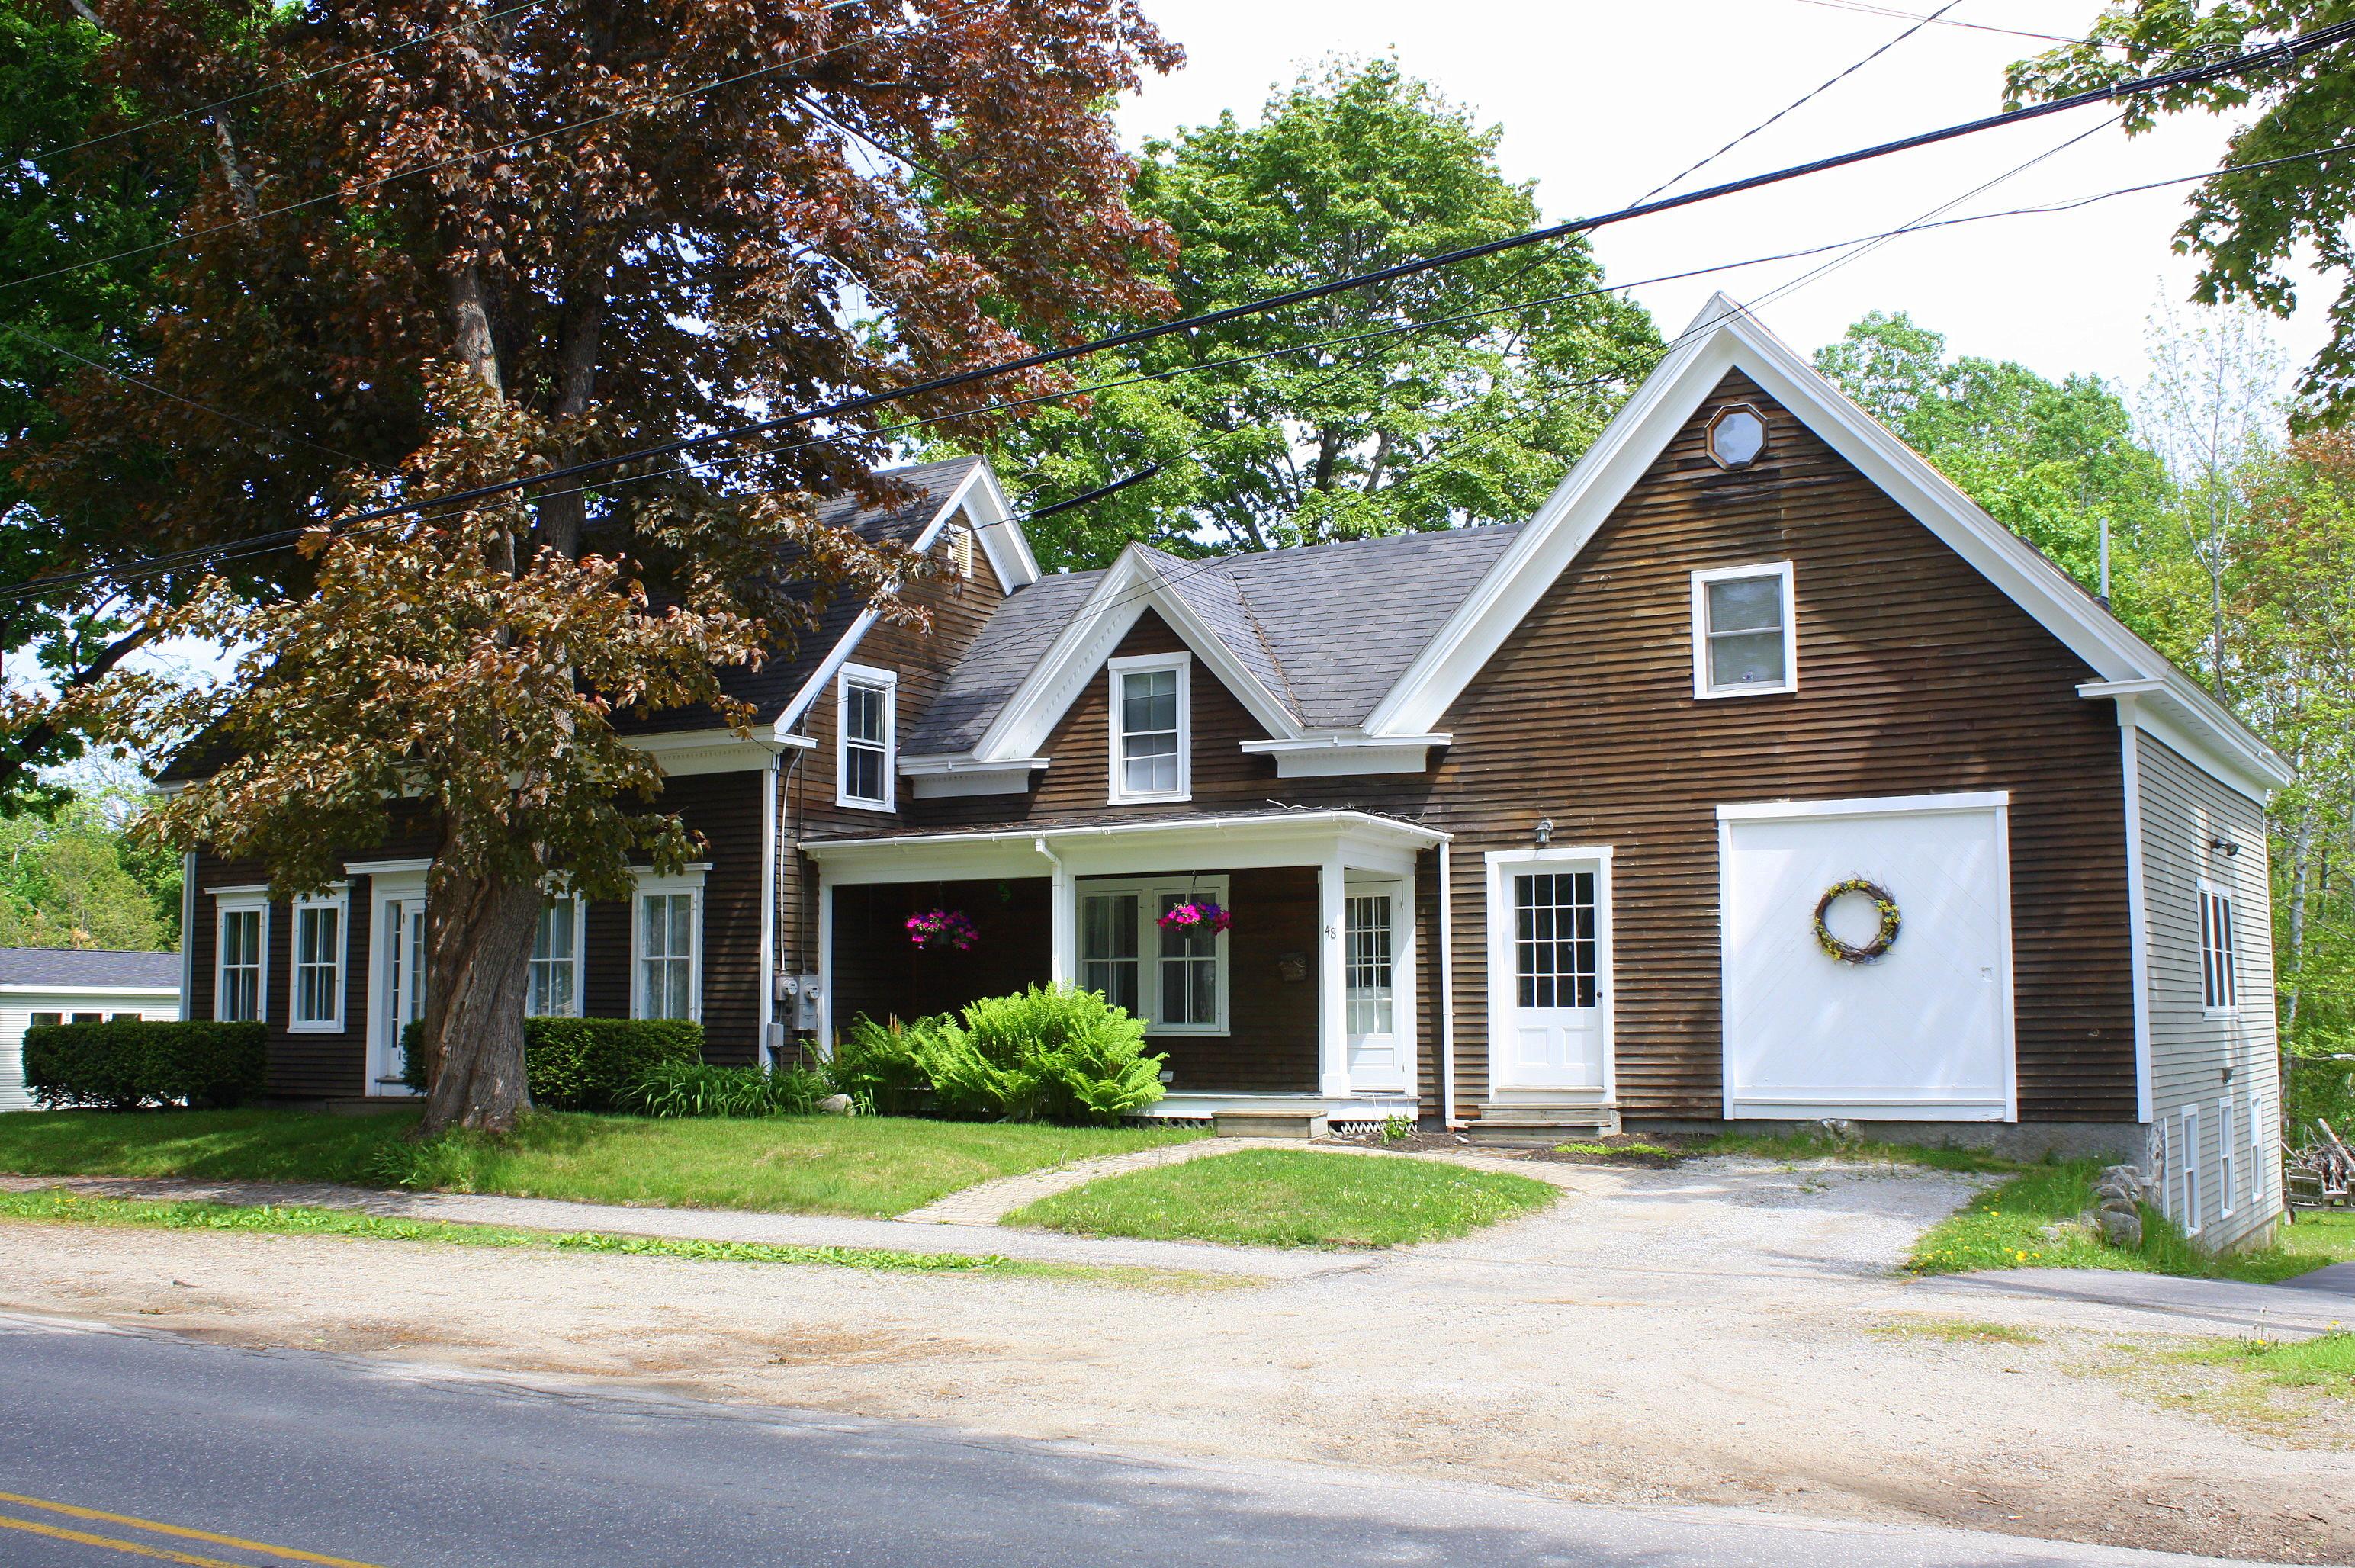 단독 가정 주택 용 매매 에 48 Union Street Camden, 마이애미, 04843 미국